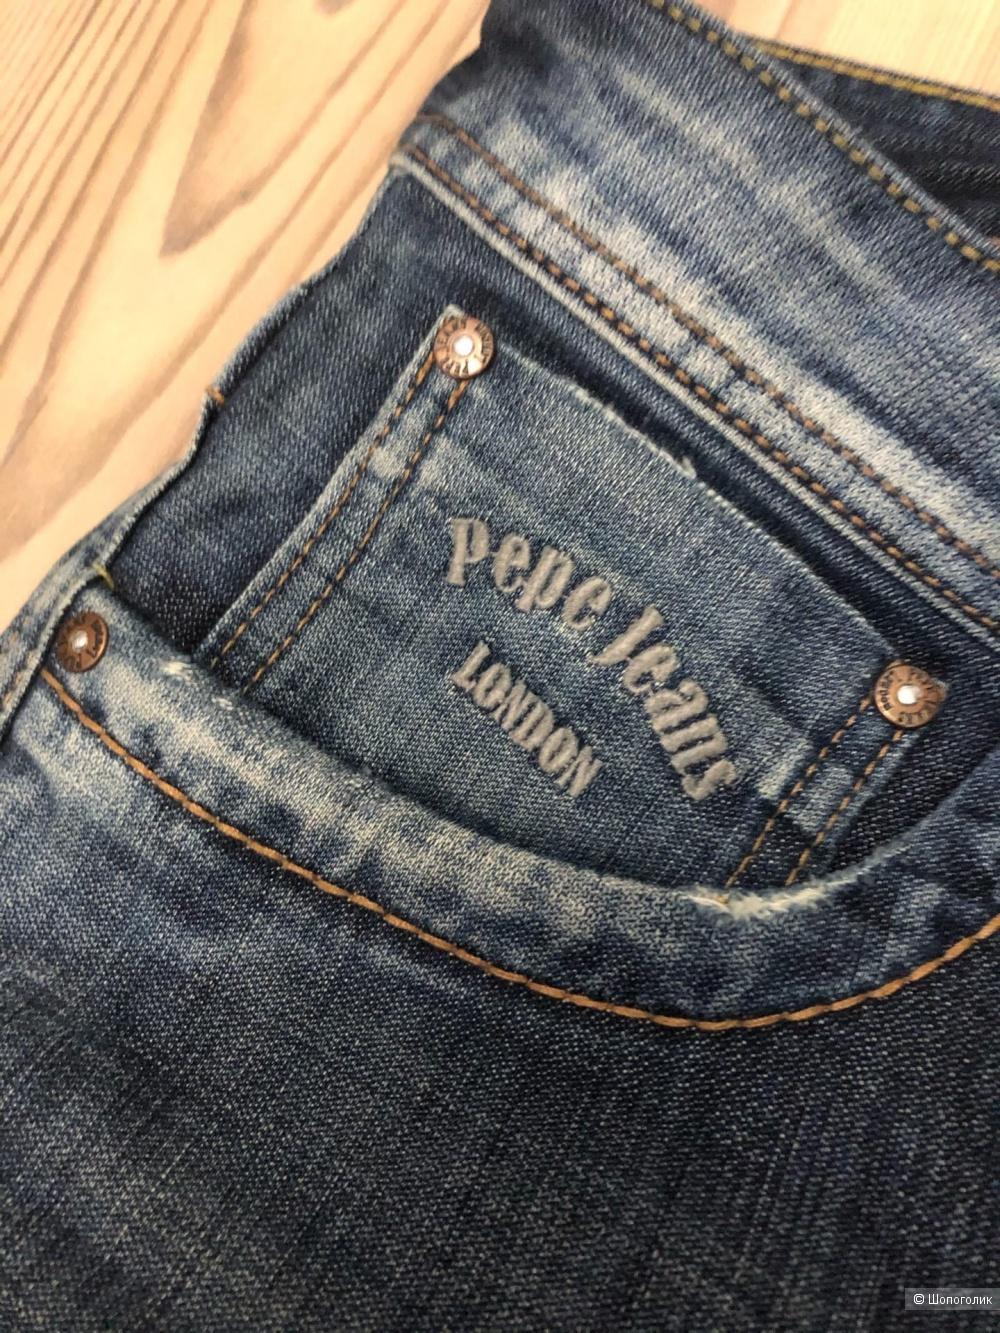 Джинсы Pepe Jeans . Размер 42/44 рос.